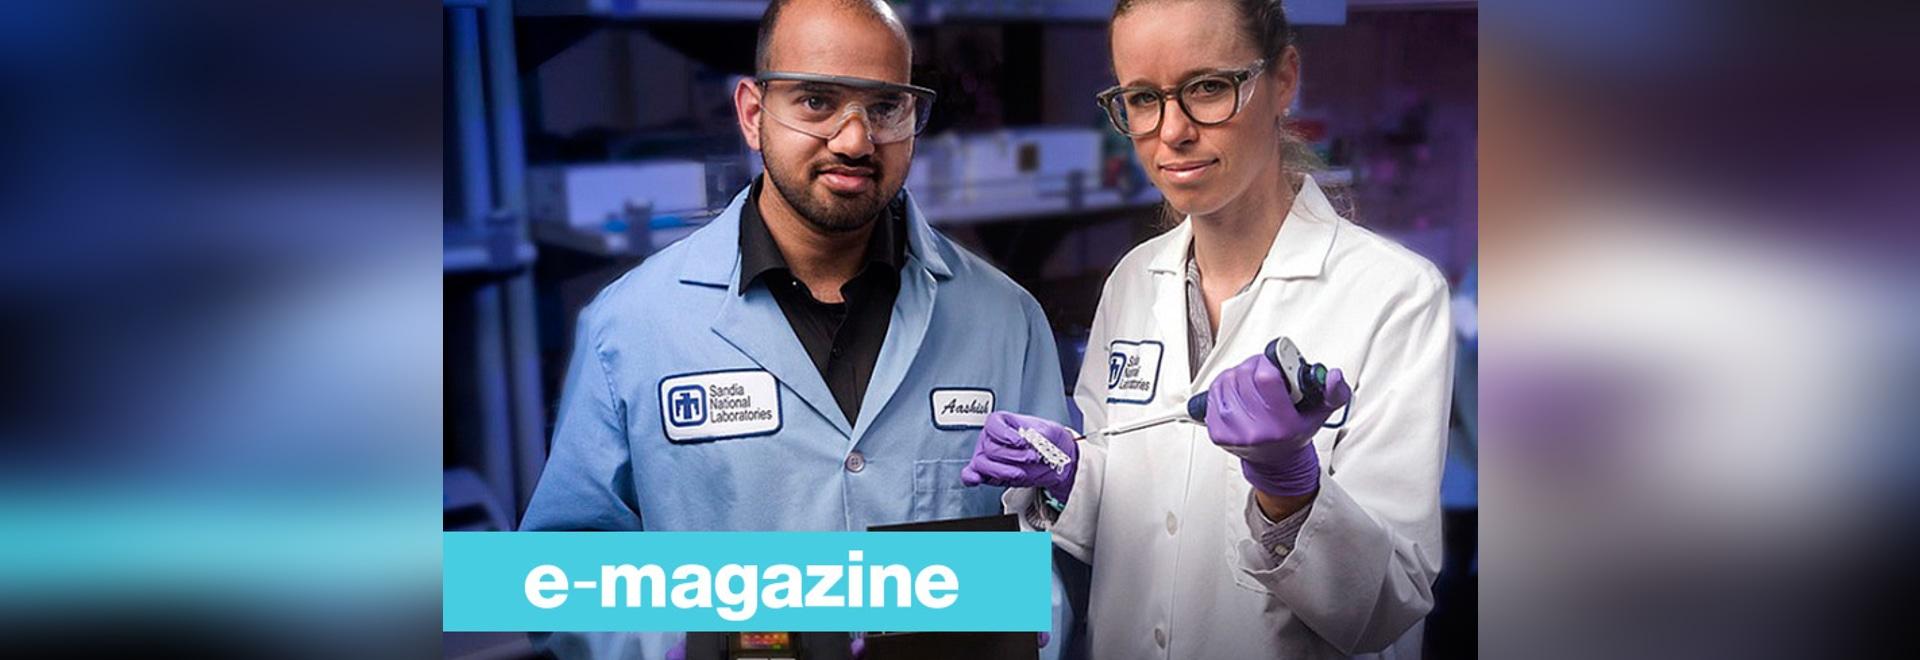 Sandia-nationale Laboratorien Chemieingenieur und Führungspapier Aashish Priye Autor bietet eine Ansicht in den Zika-Kastenprototyp, zusammen mit Mitverfassern Sara Bird, einem Virologen, Mitte und...